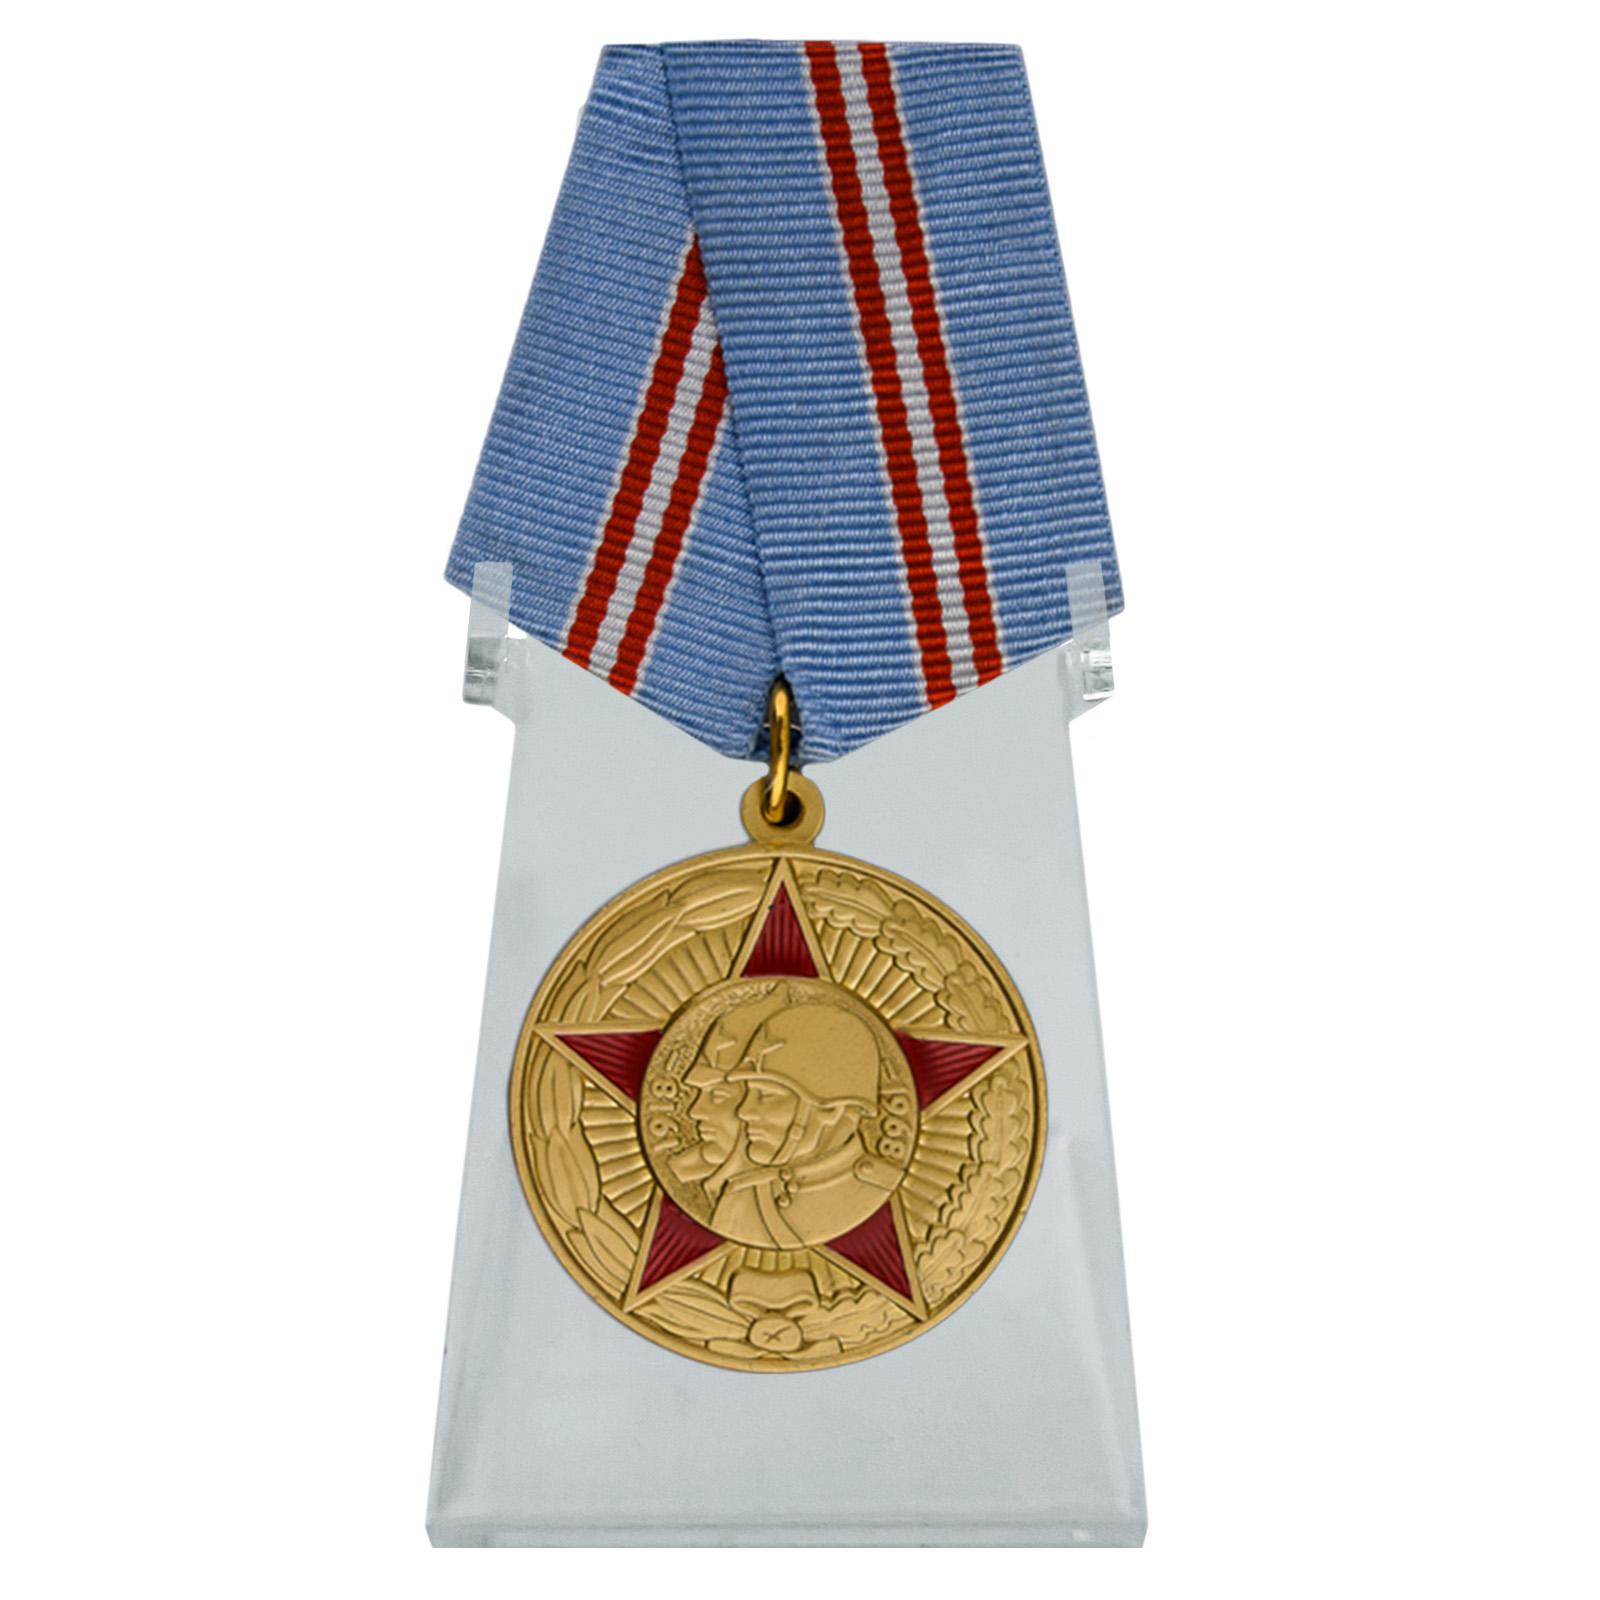 Юбилейная медаль 50 лет Вооружённых Сил СССР на подставке